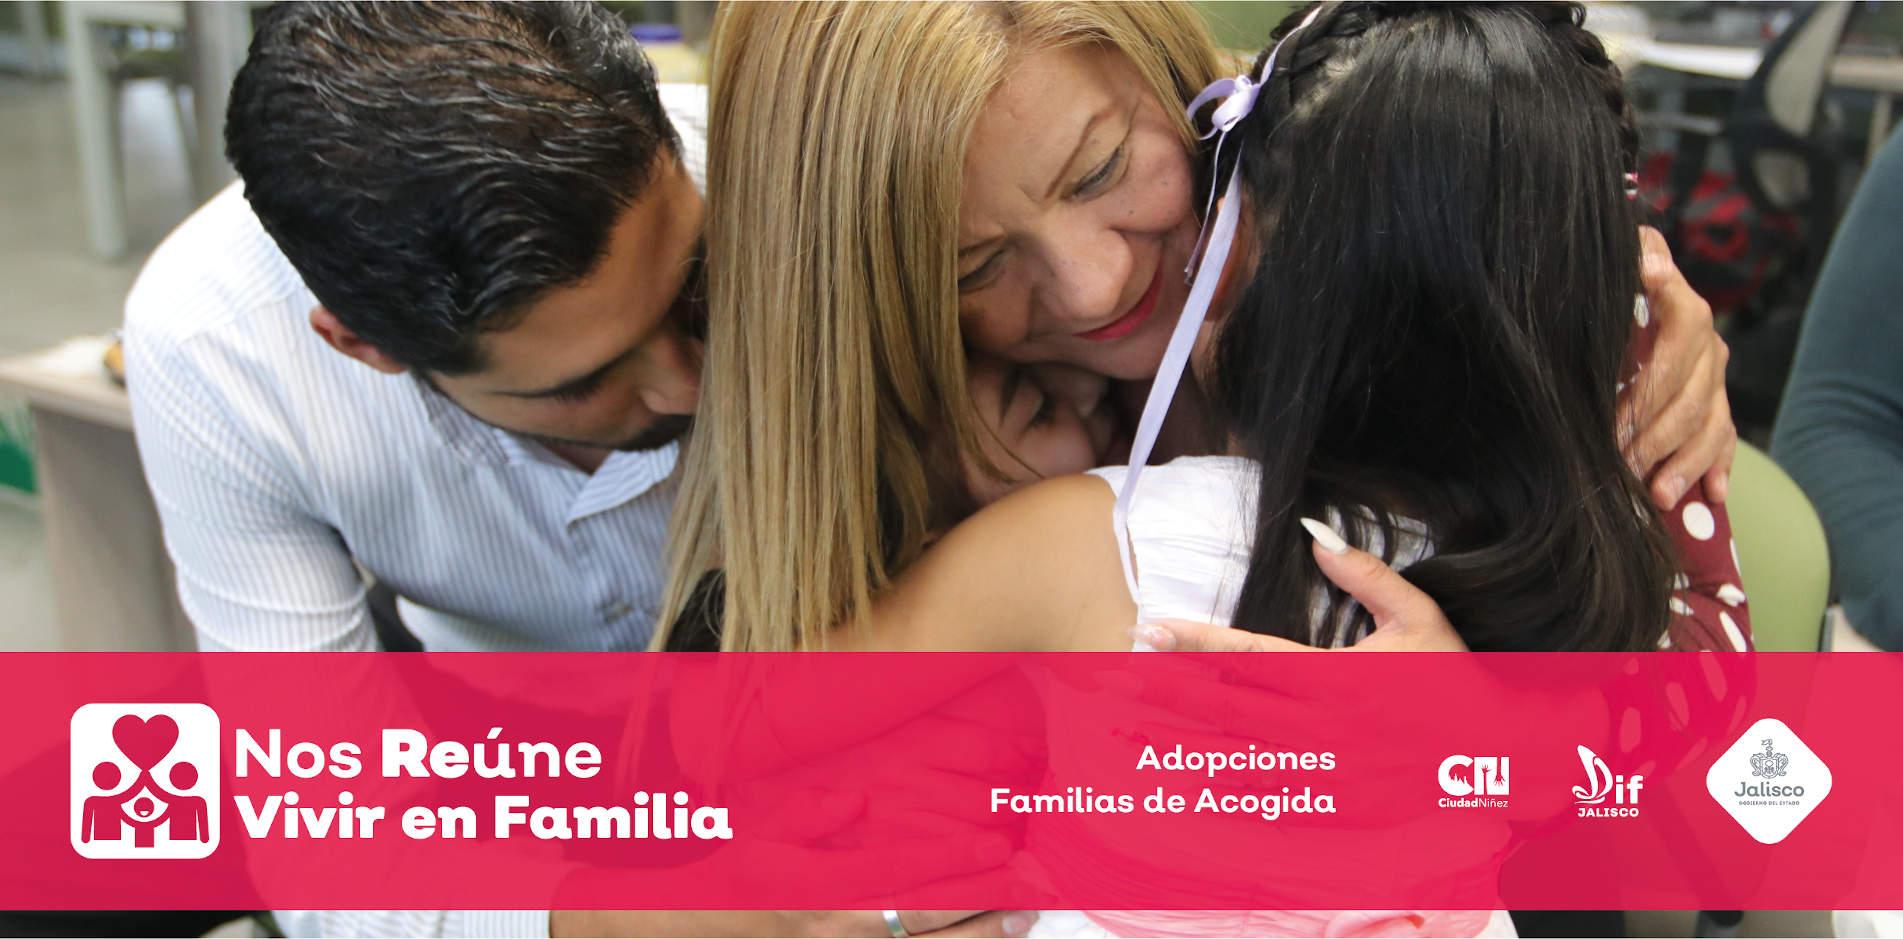 Imagen de una familia en un abrazo